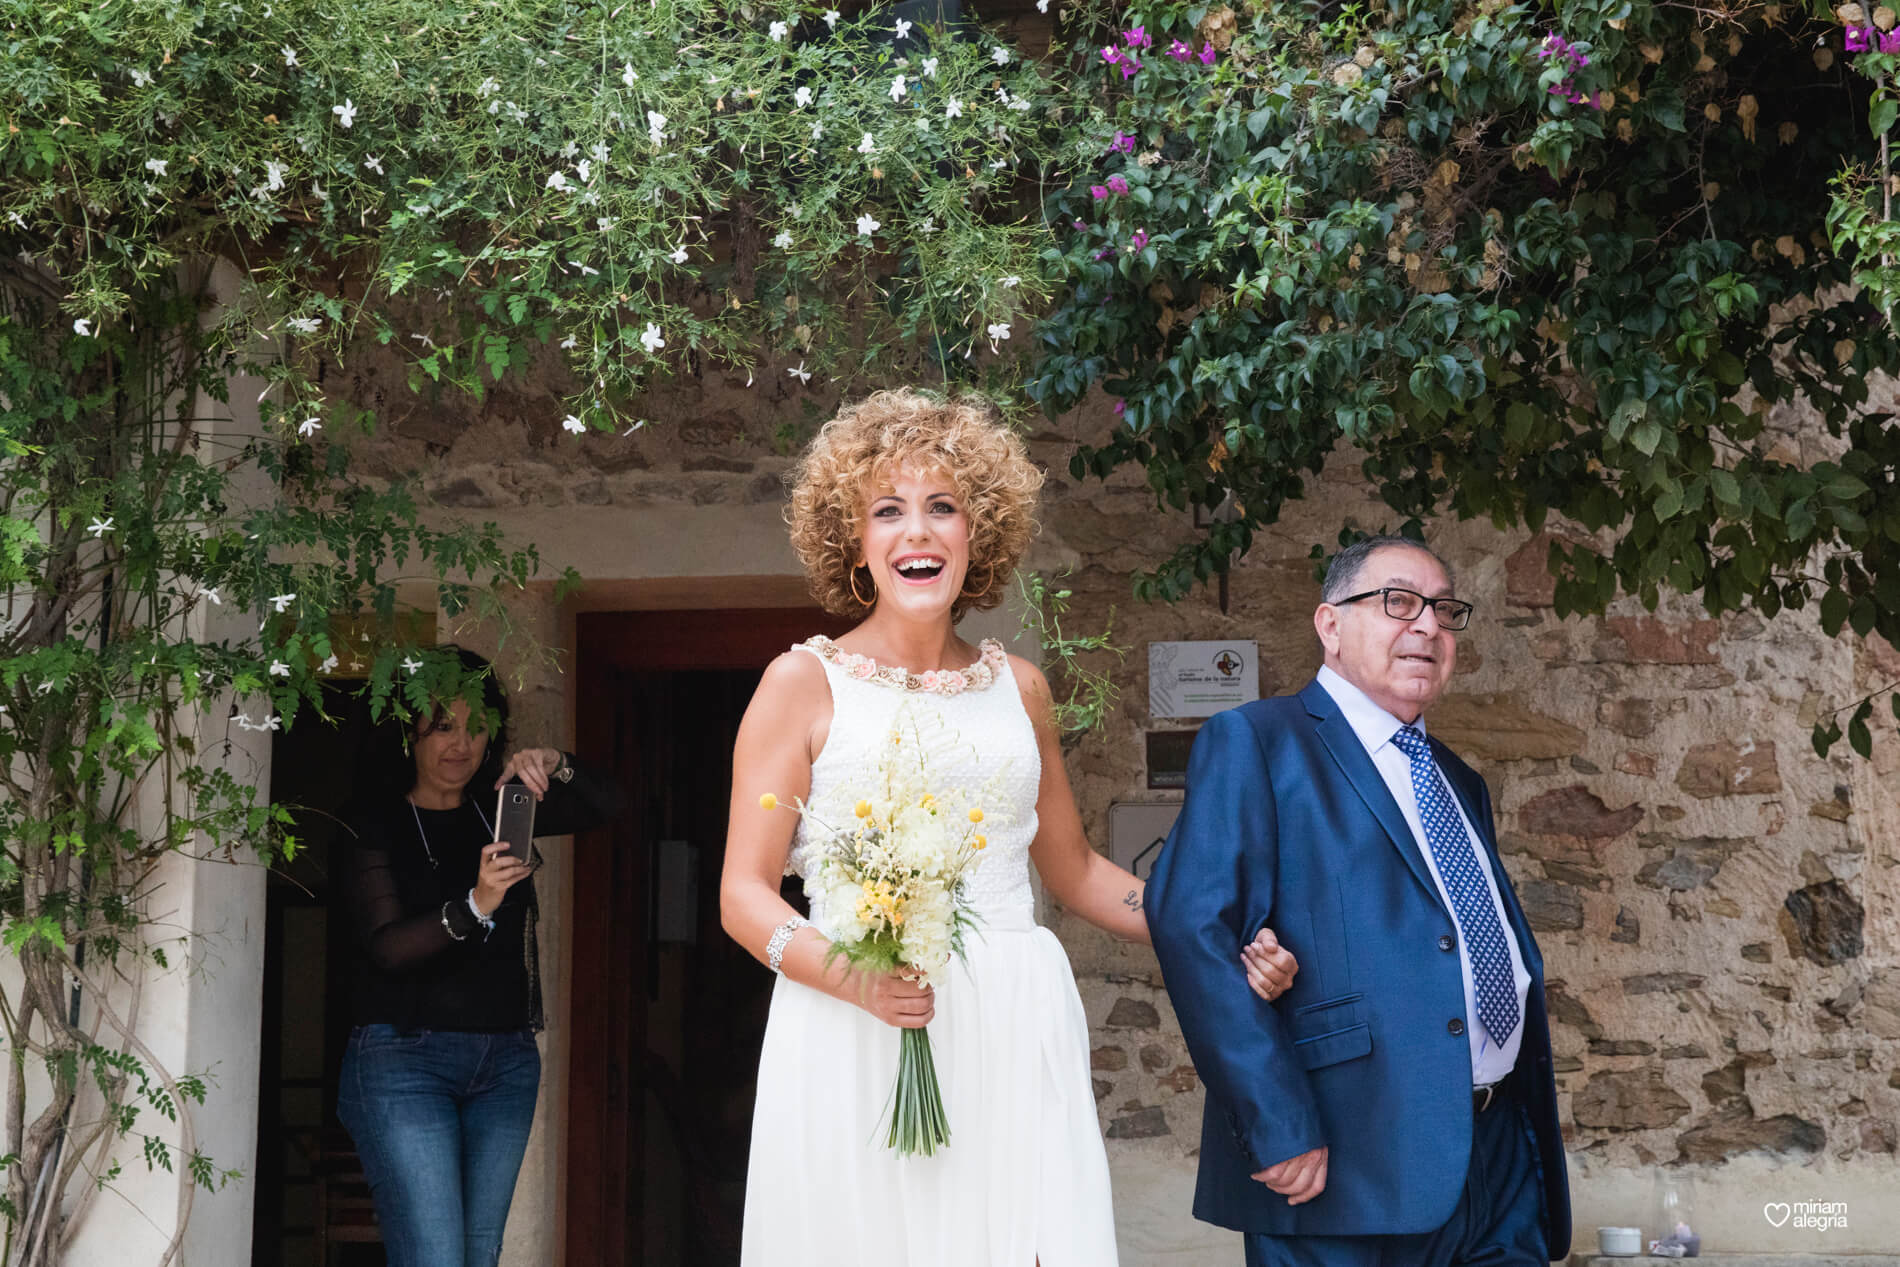 boda-en-finca-la-carrasca-miriam-alegria-41